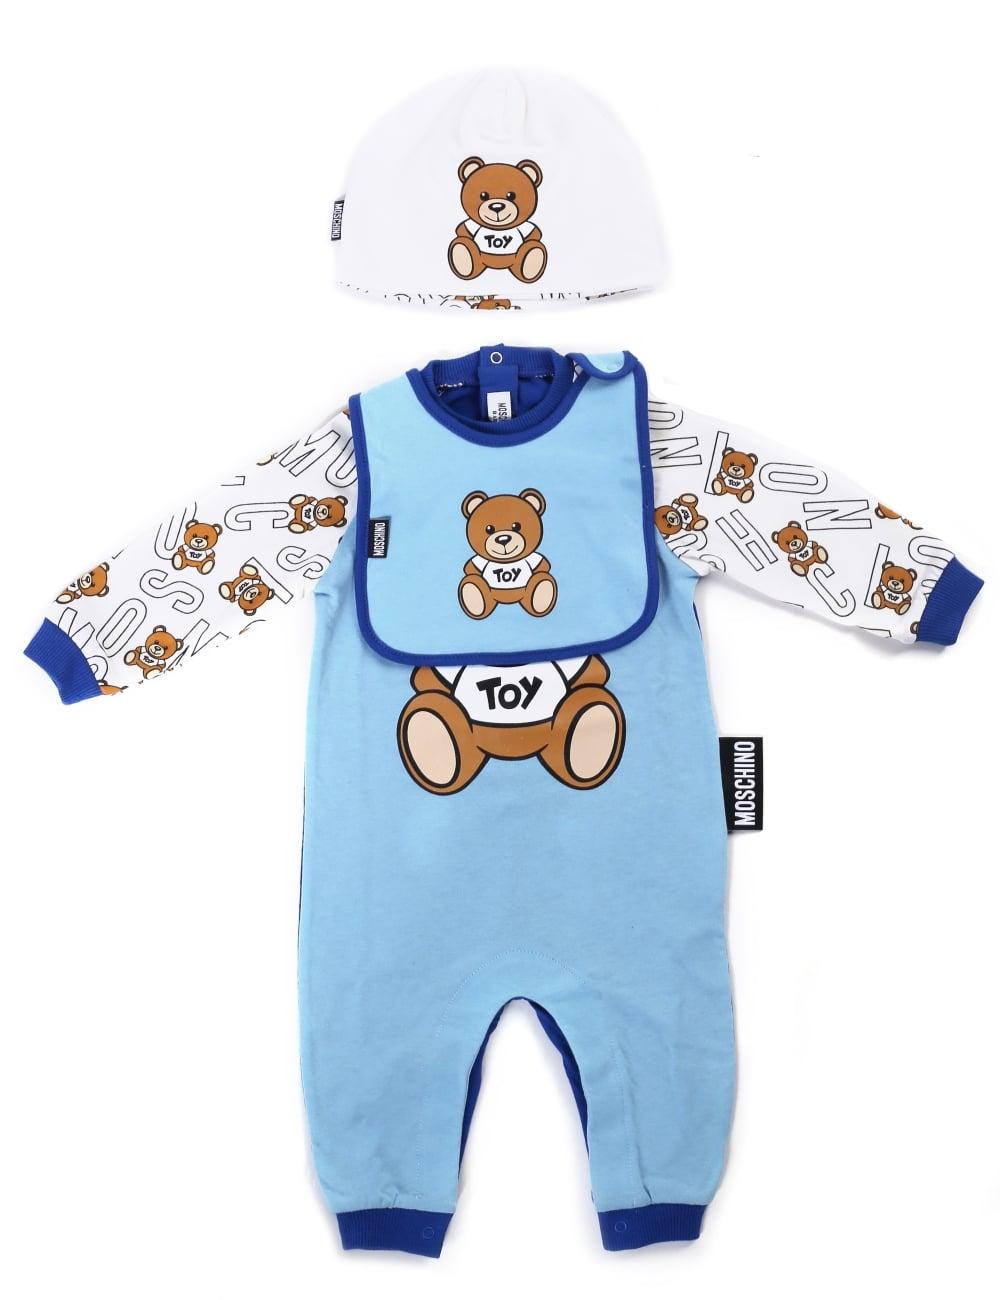 33c4c41cf7f Polo Ralph Lauren Baby Boy Hats